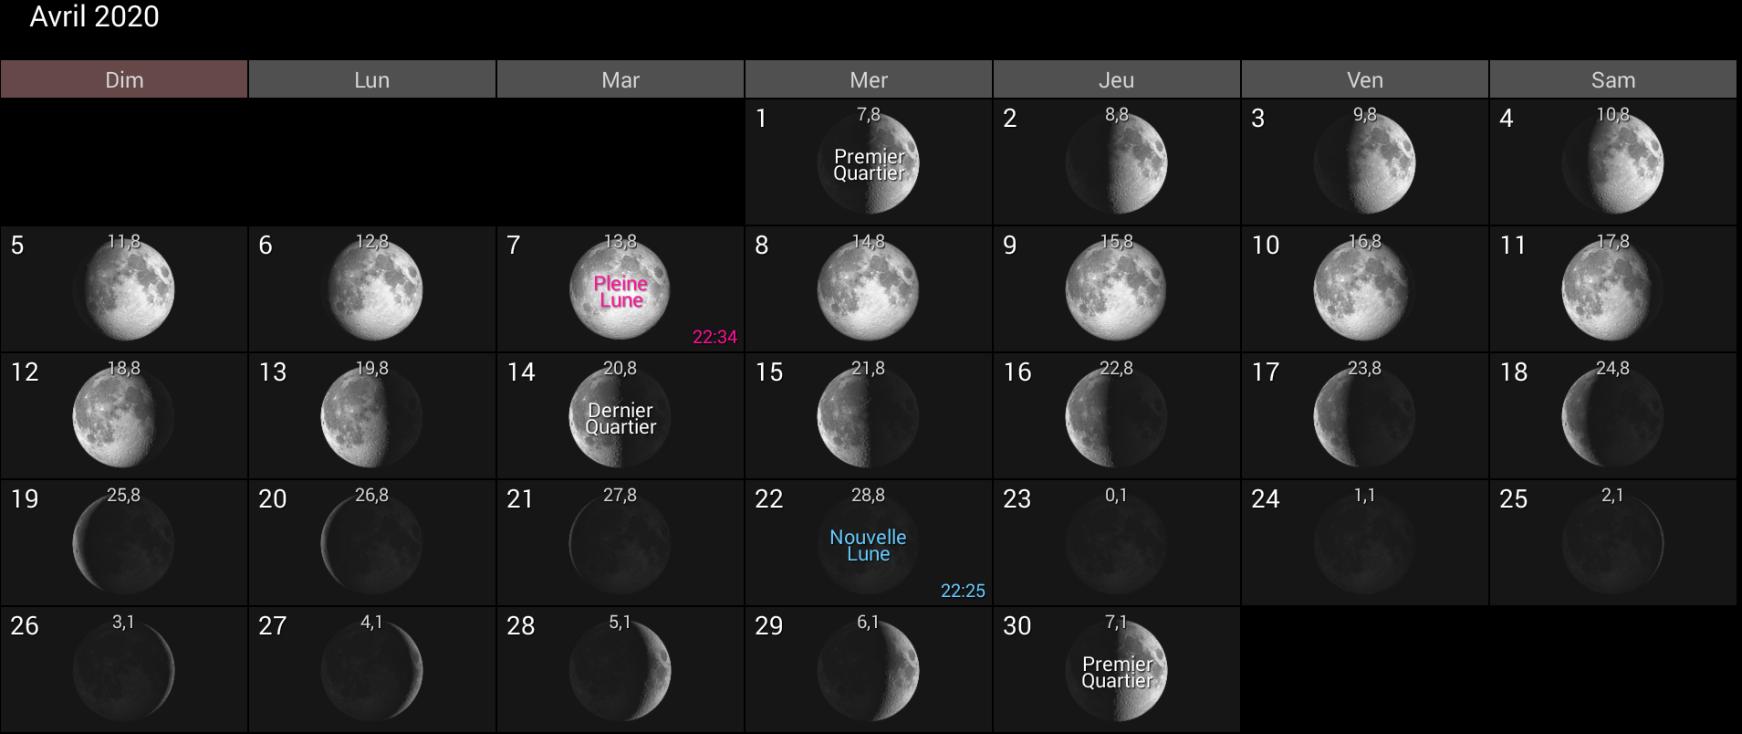 Les phases de la Lune pour d'avril 2020